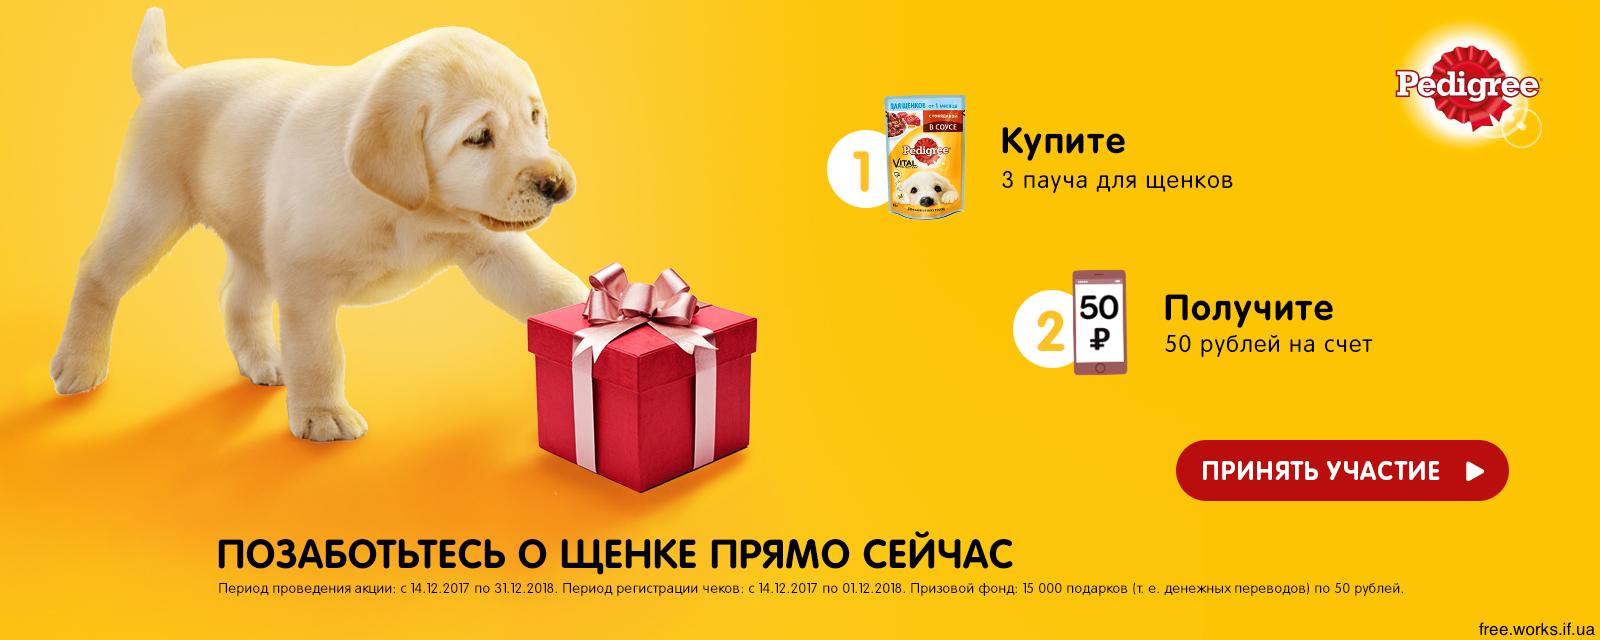 Получи подарок для щенка 98